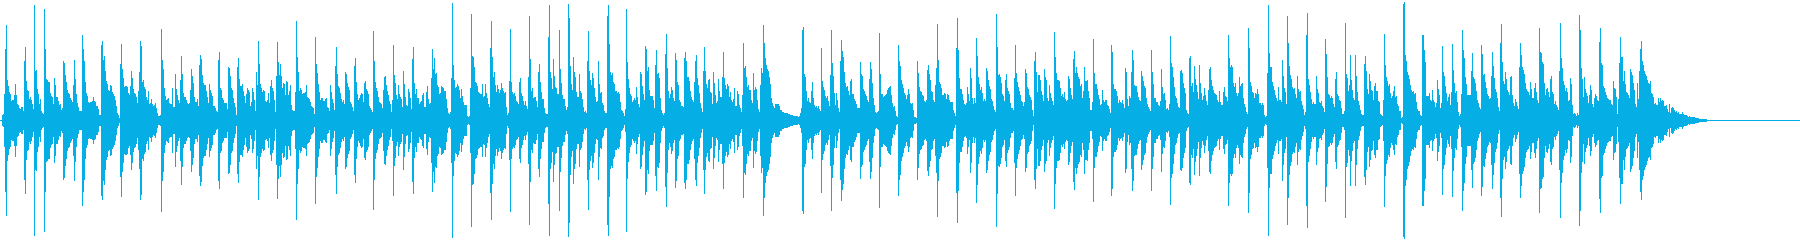 ウクレレとアコースティックサウンドの再生済みの波形